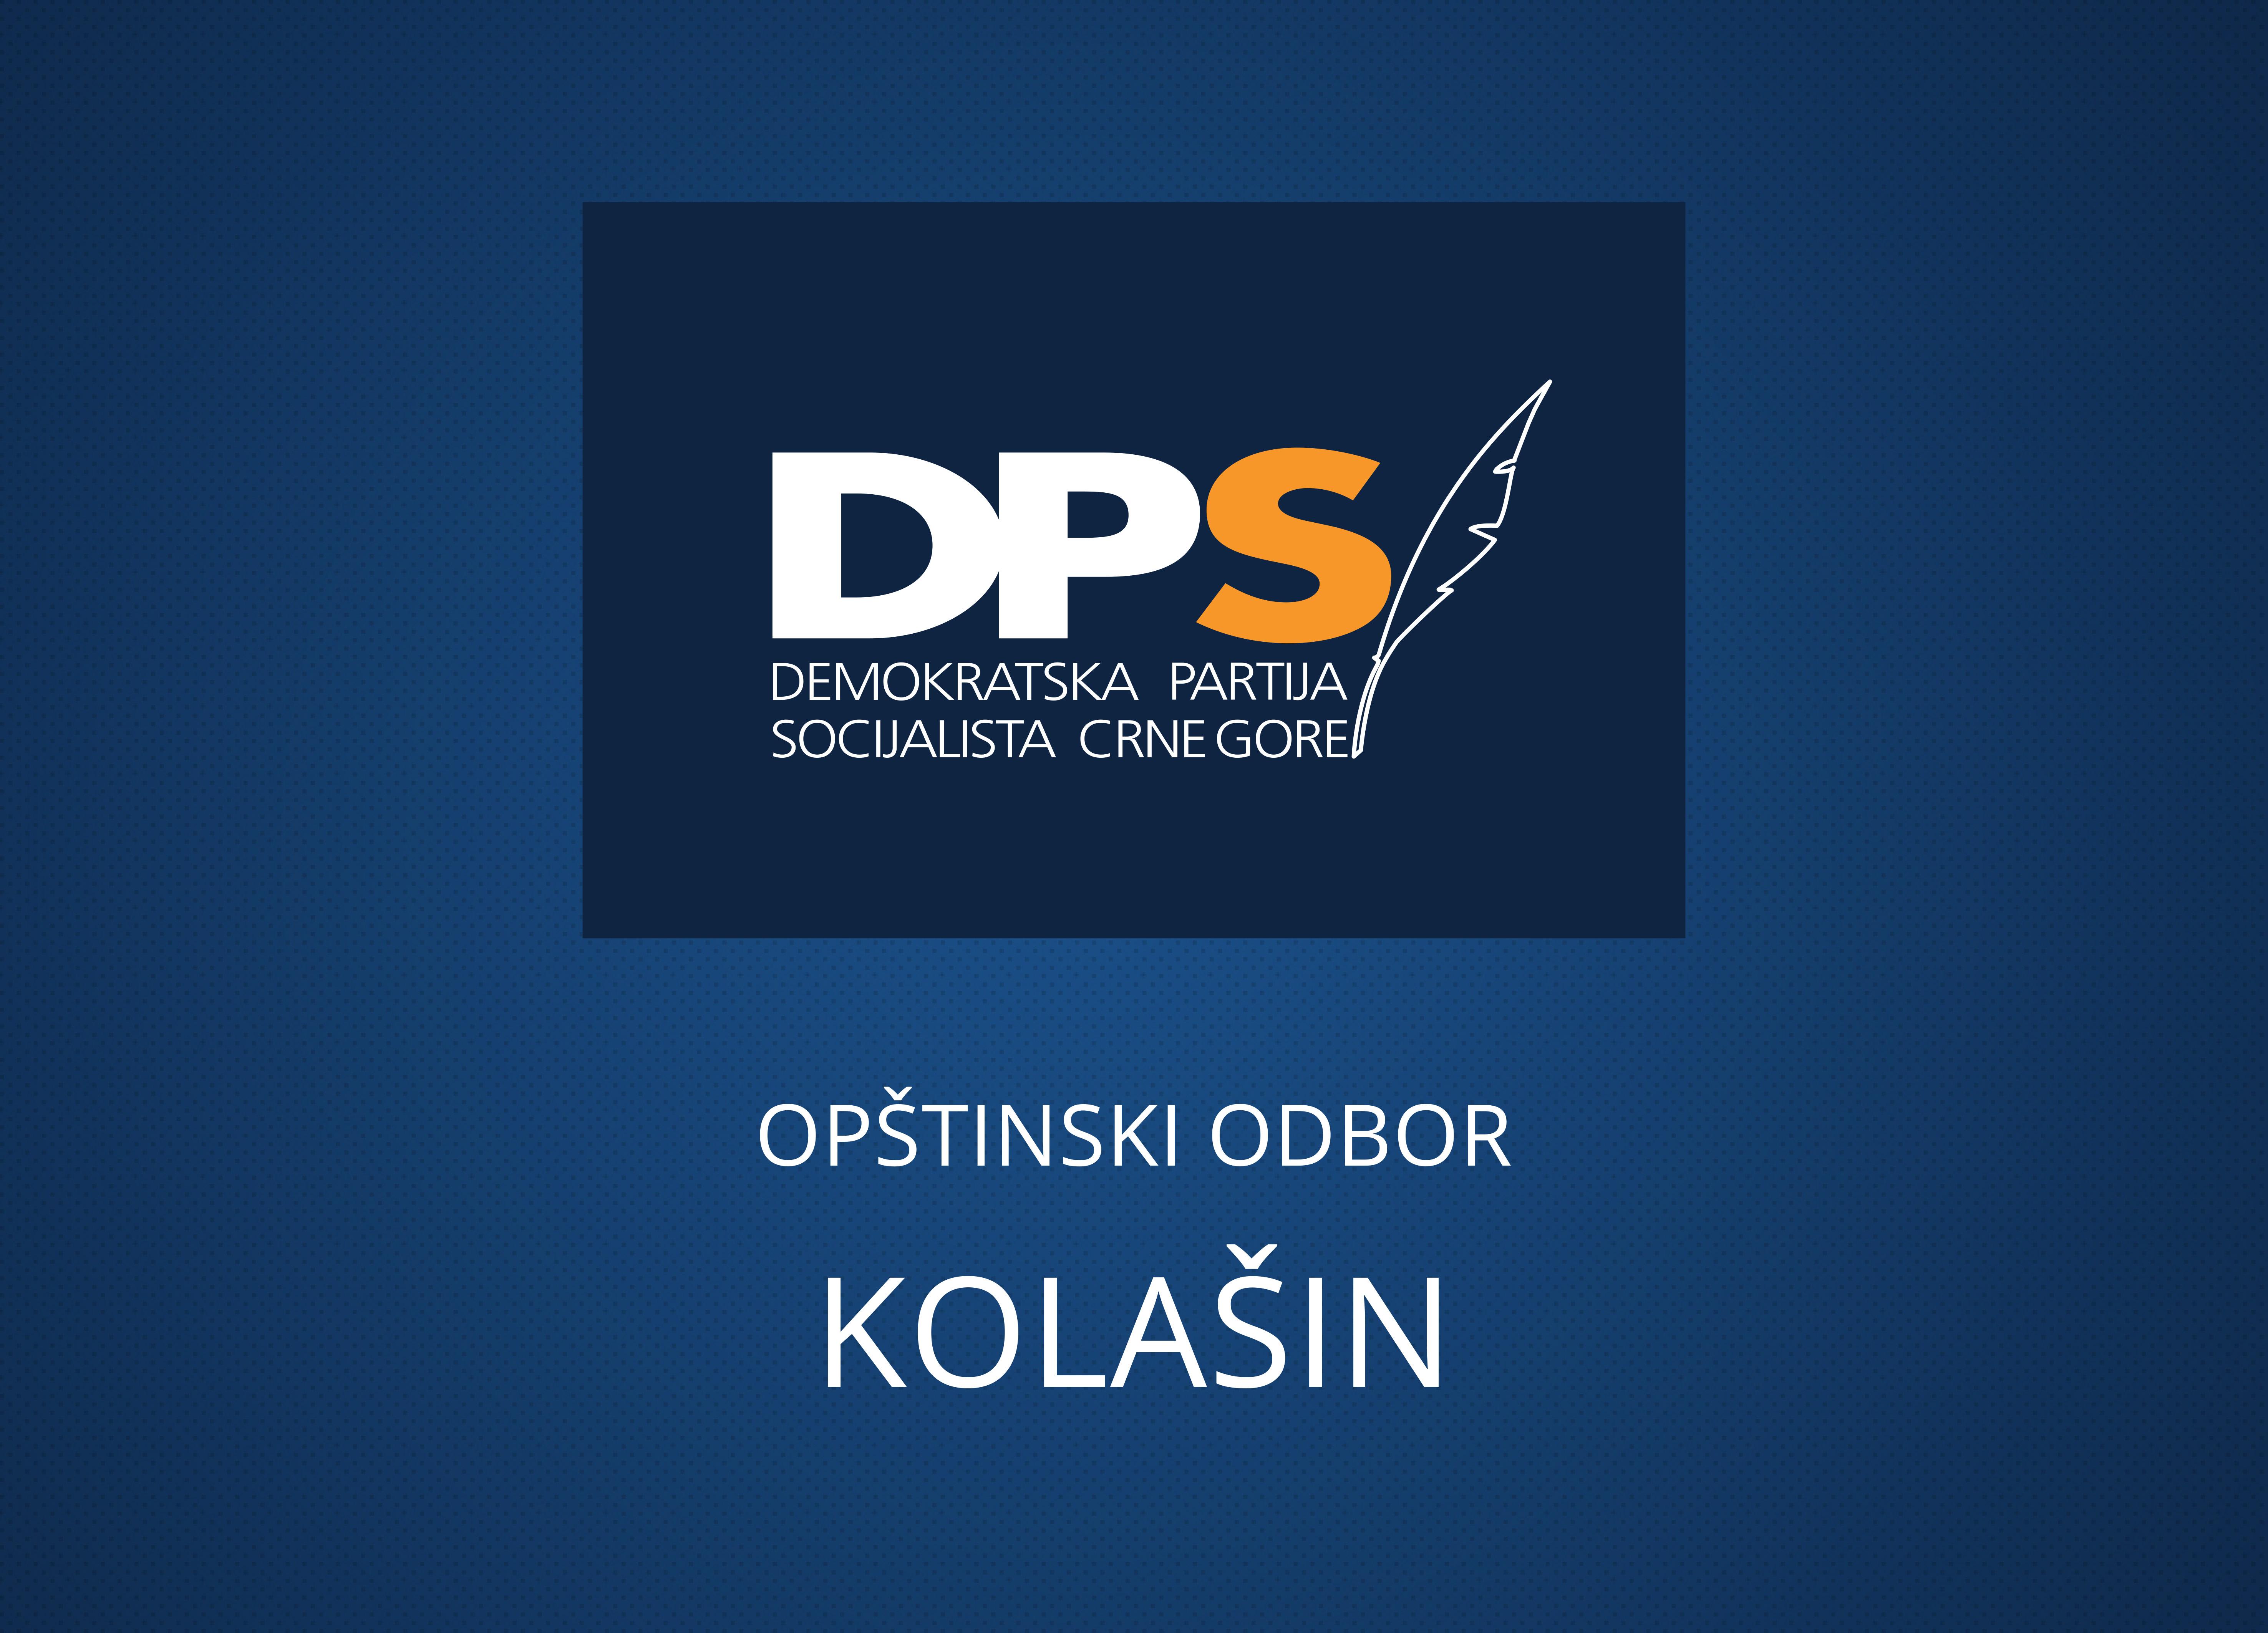 DPS Kolašin: Među onima koji protestuju na Sinjajevini dokazani uništivači životne sredine